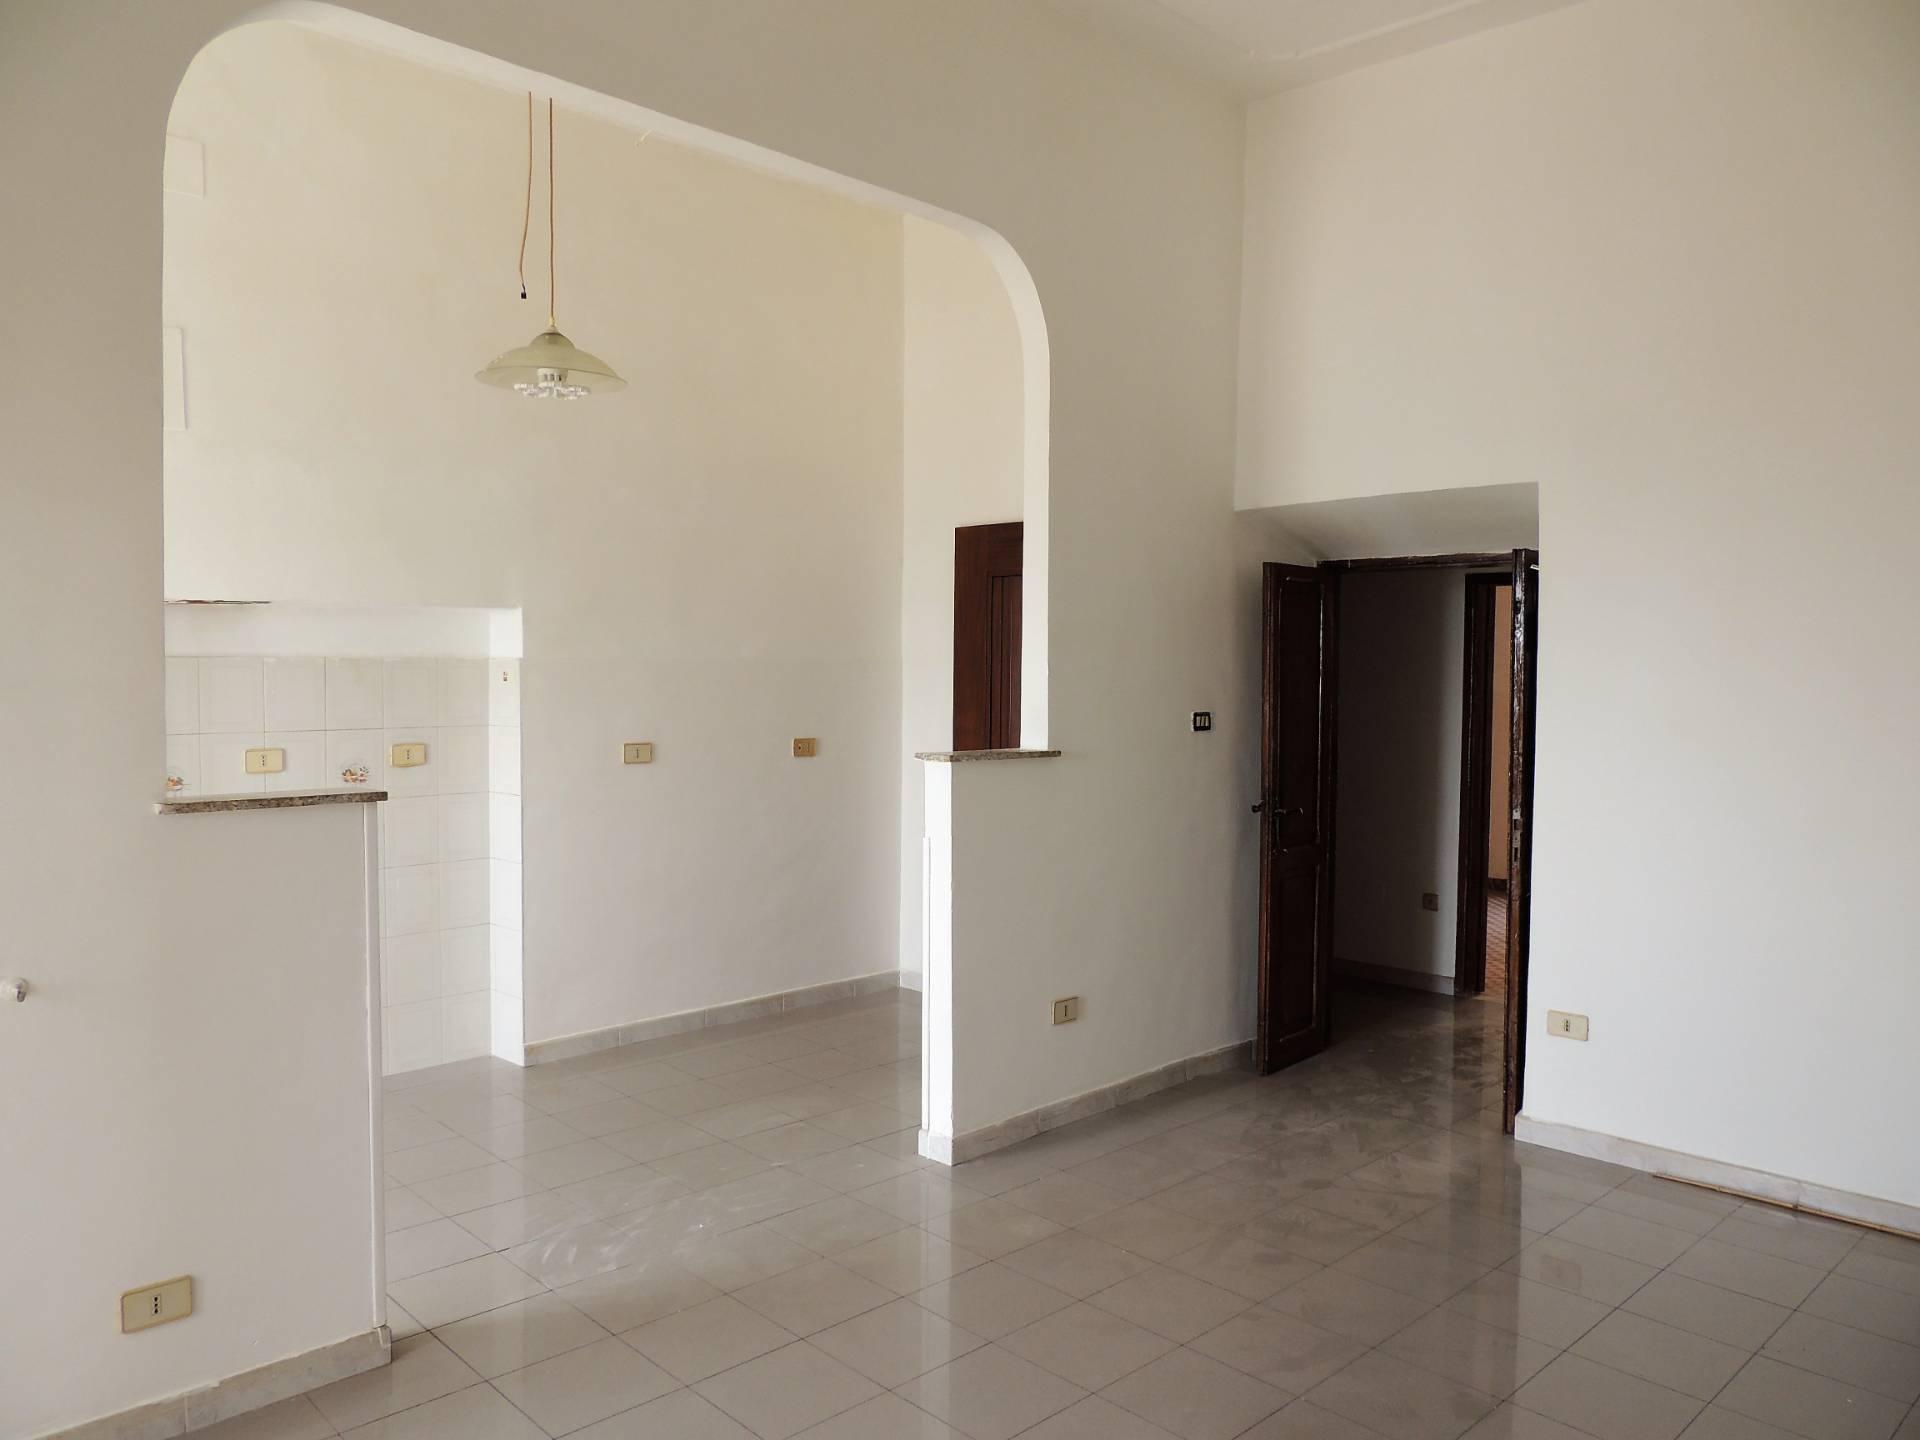 Appartamento in vendita a Sant'Angelo Romano, 2 locali, prezzo € 65.000 | CambioCasa.it